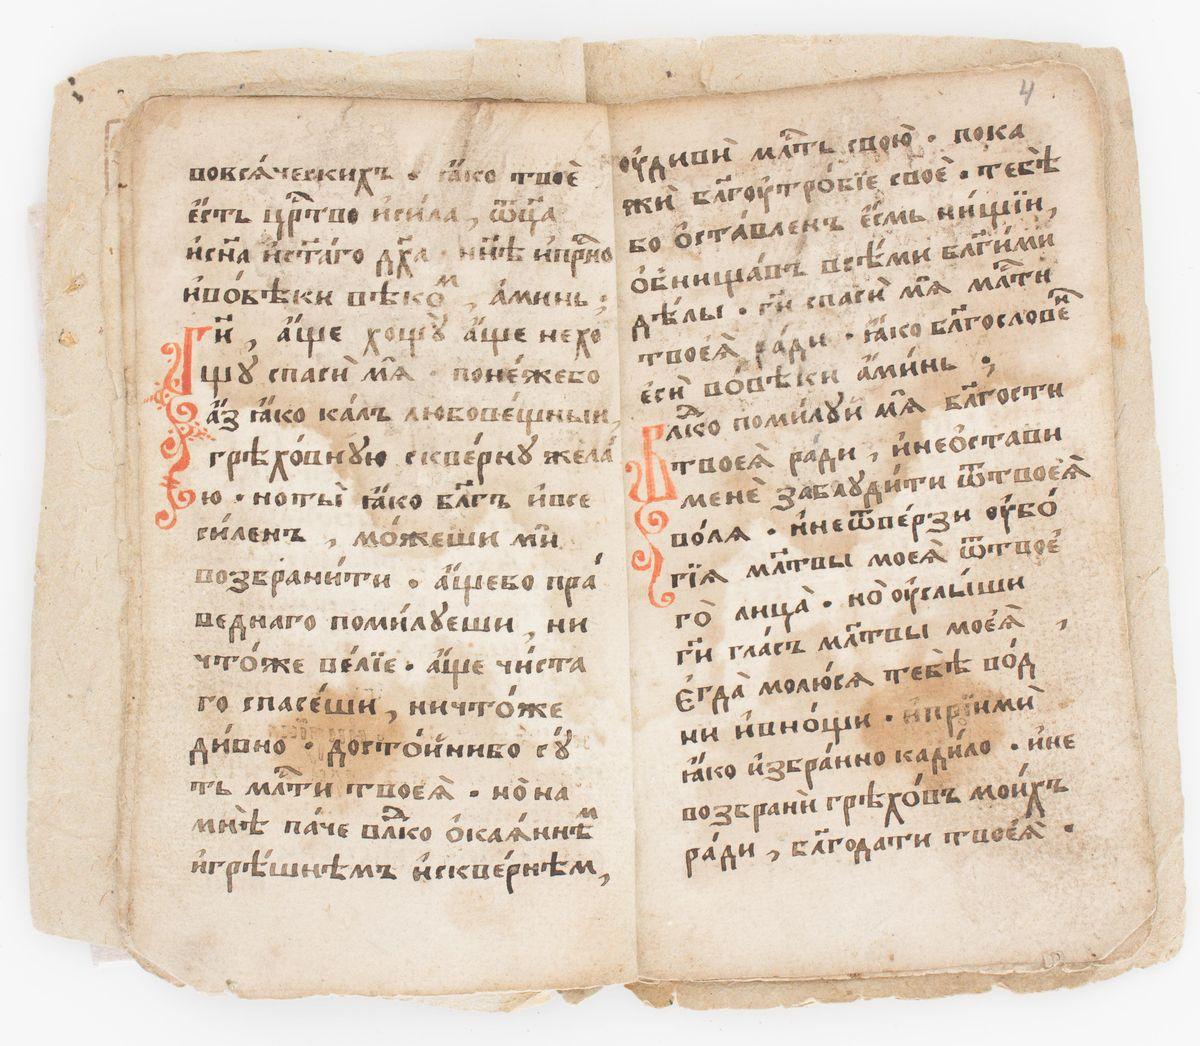 АОКМ КП-29899 Книга рукописная 'Боже очисти меня грешного и помилуй меня'